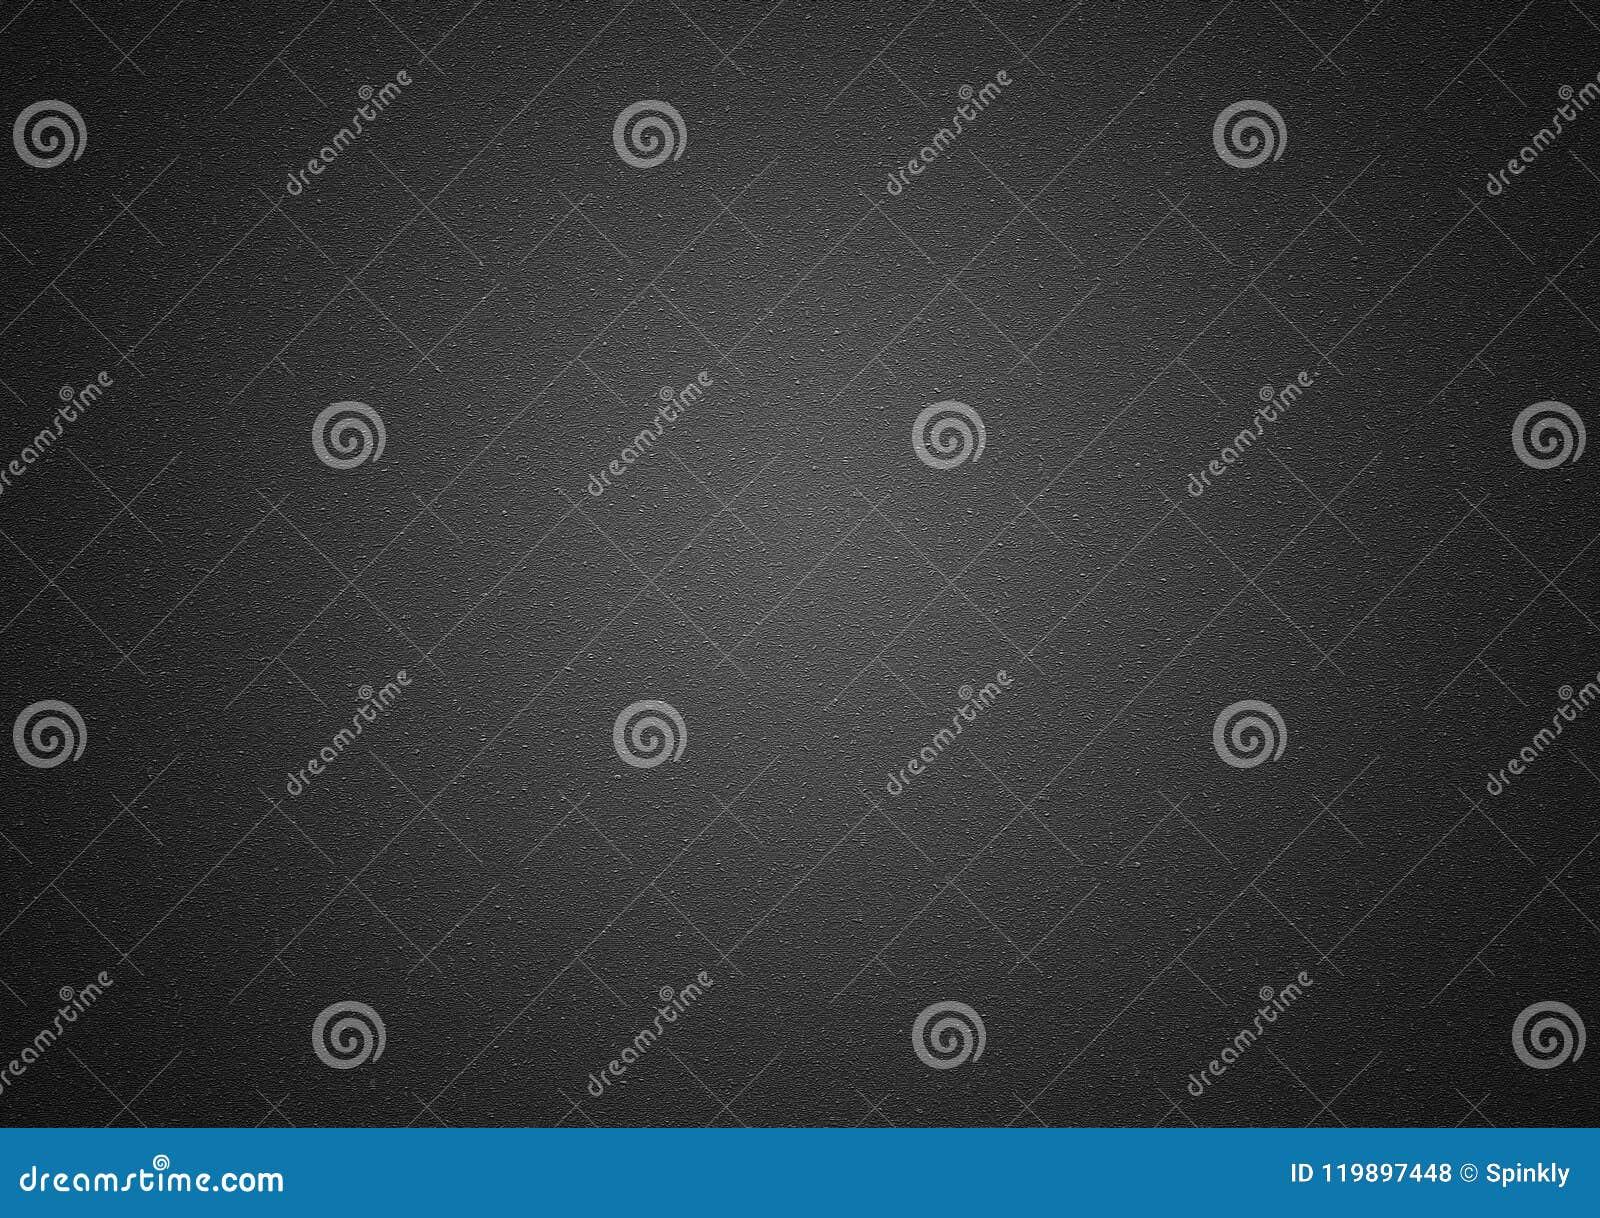 Dark grey textured tarmac background wallpaper